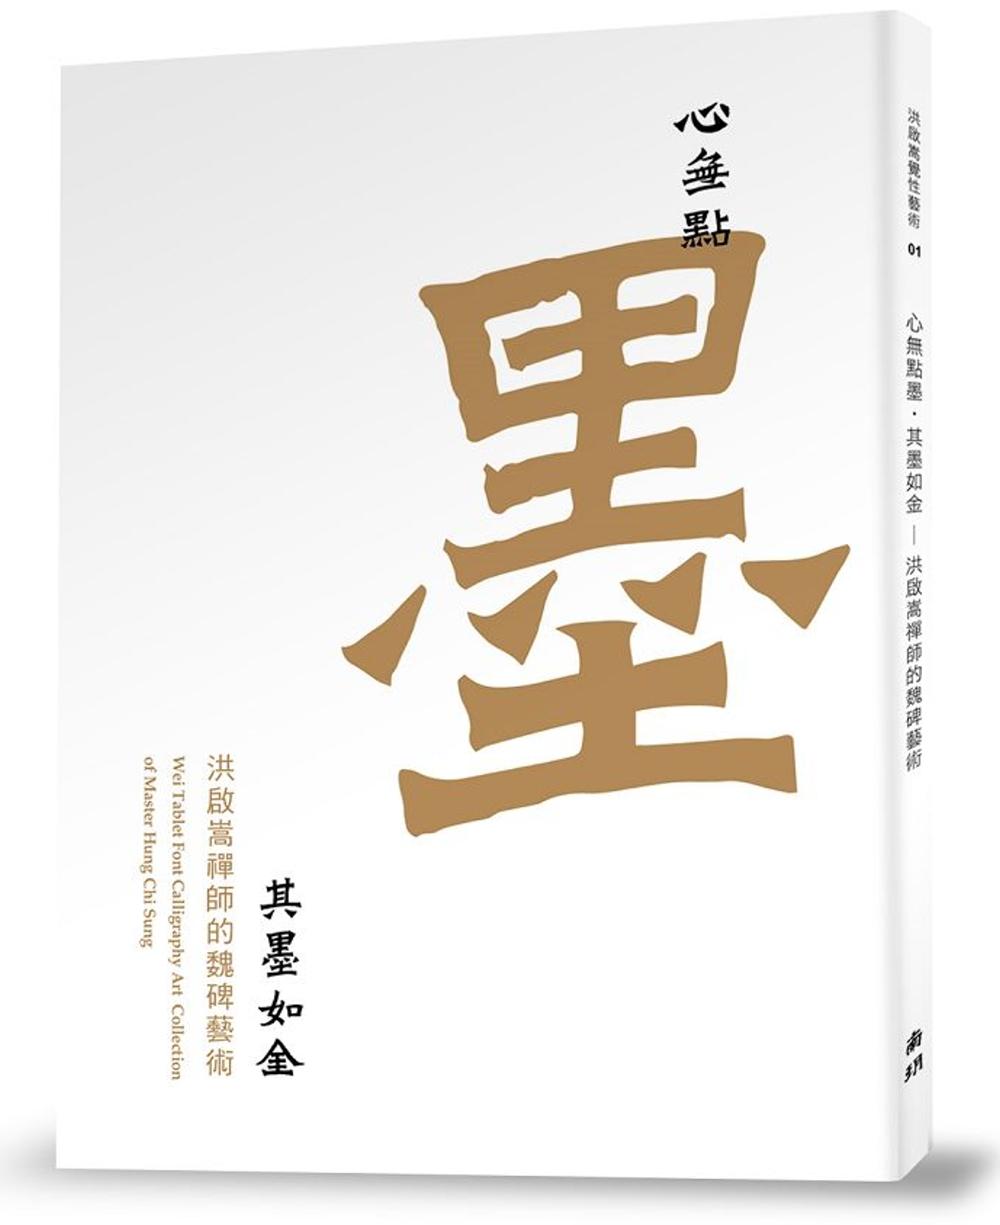 心無點墨‧其墨如金:洪啟嵩禪師的魏碑藝術